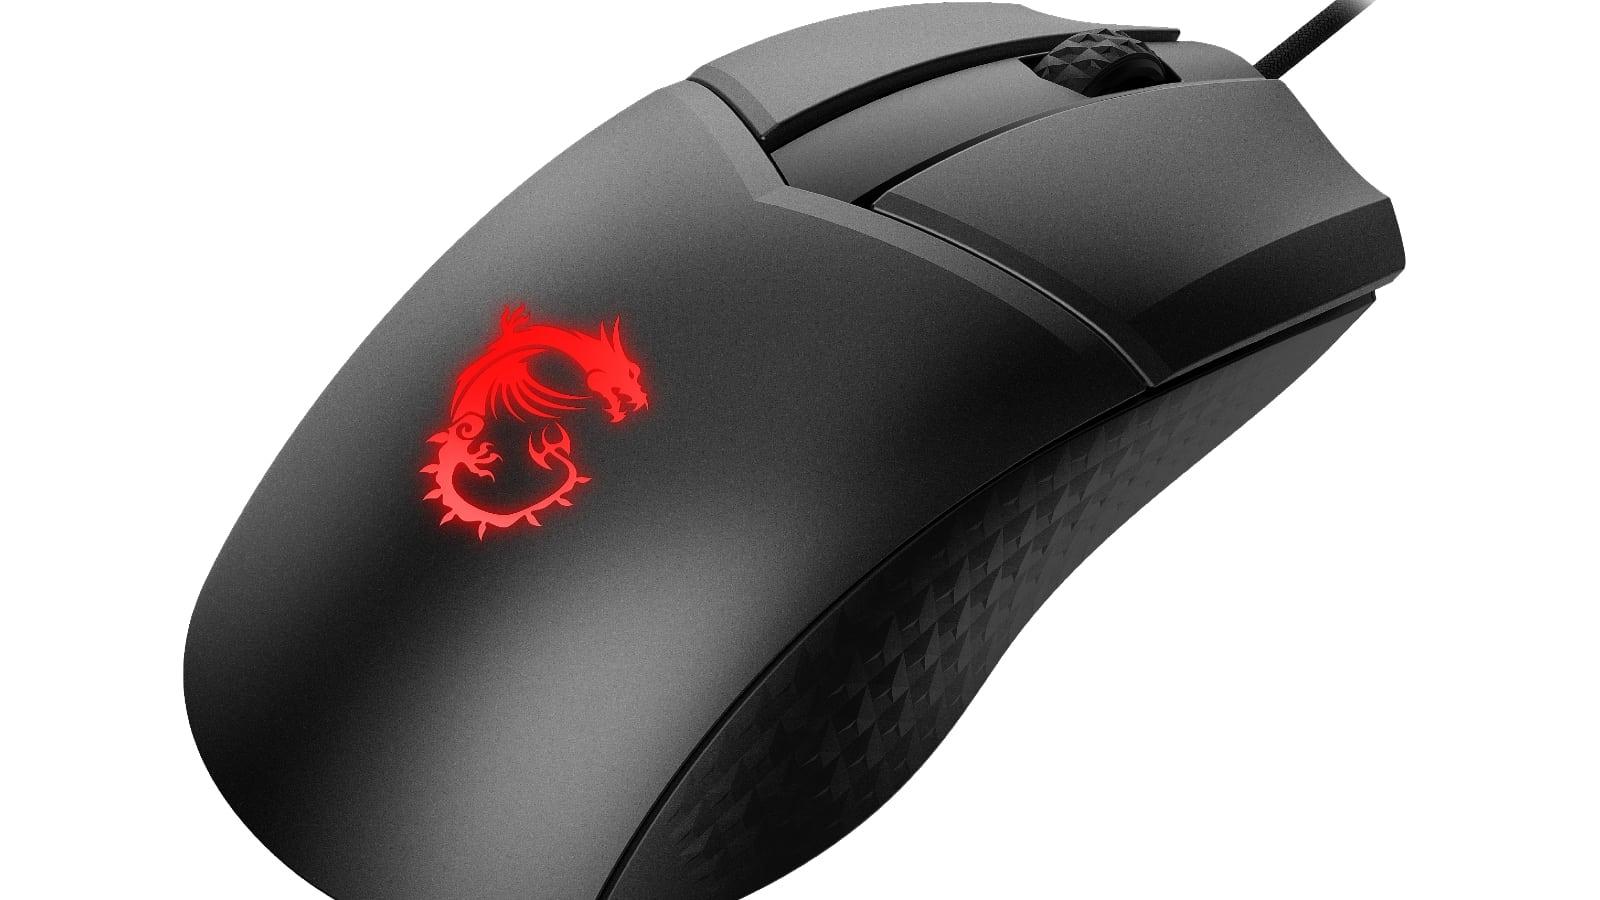 La MSI Clutch GM41 Lightweight sort en France. Les joueurs pourront compter sur cette nouvelle souris gaming.